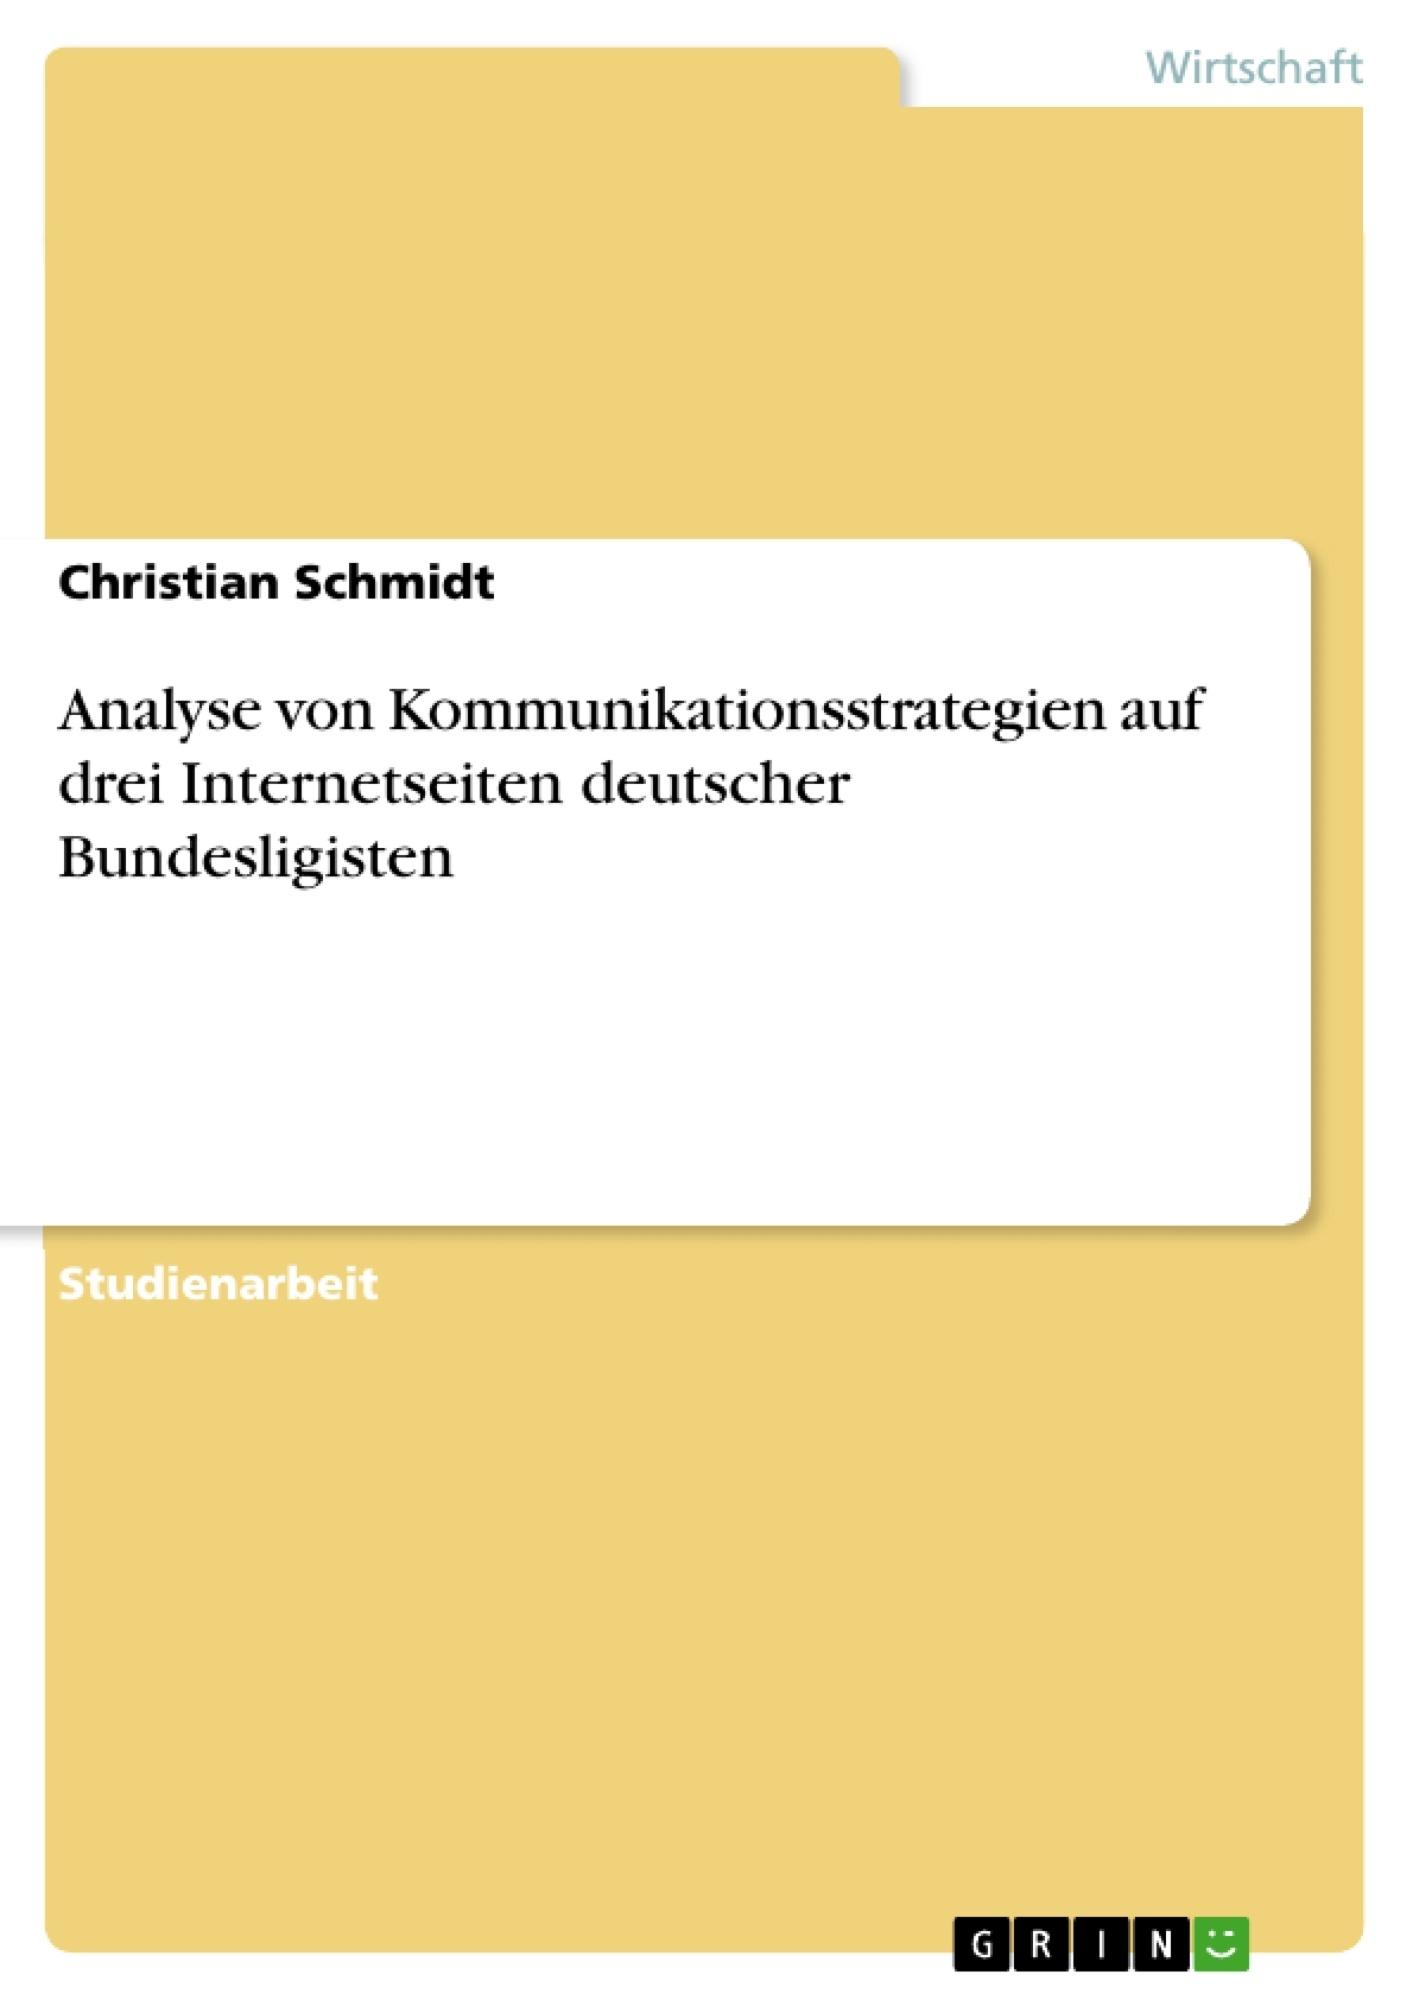 Titel: Analyse von Kommunikationsstrategien auf drei Internetseiten deutscher Bundesligisten